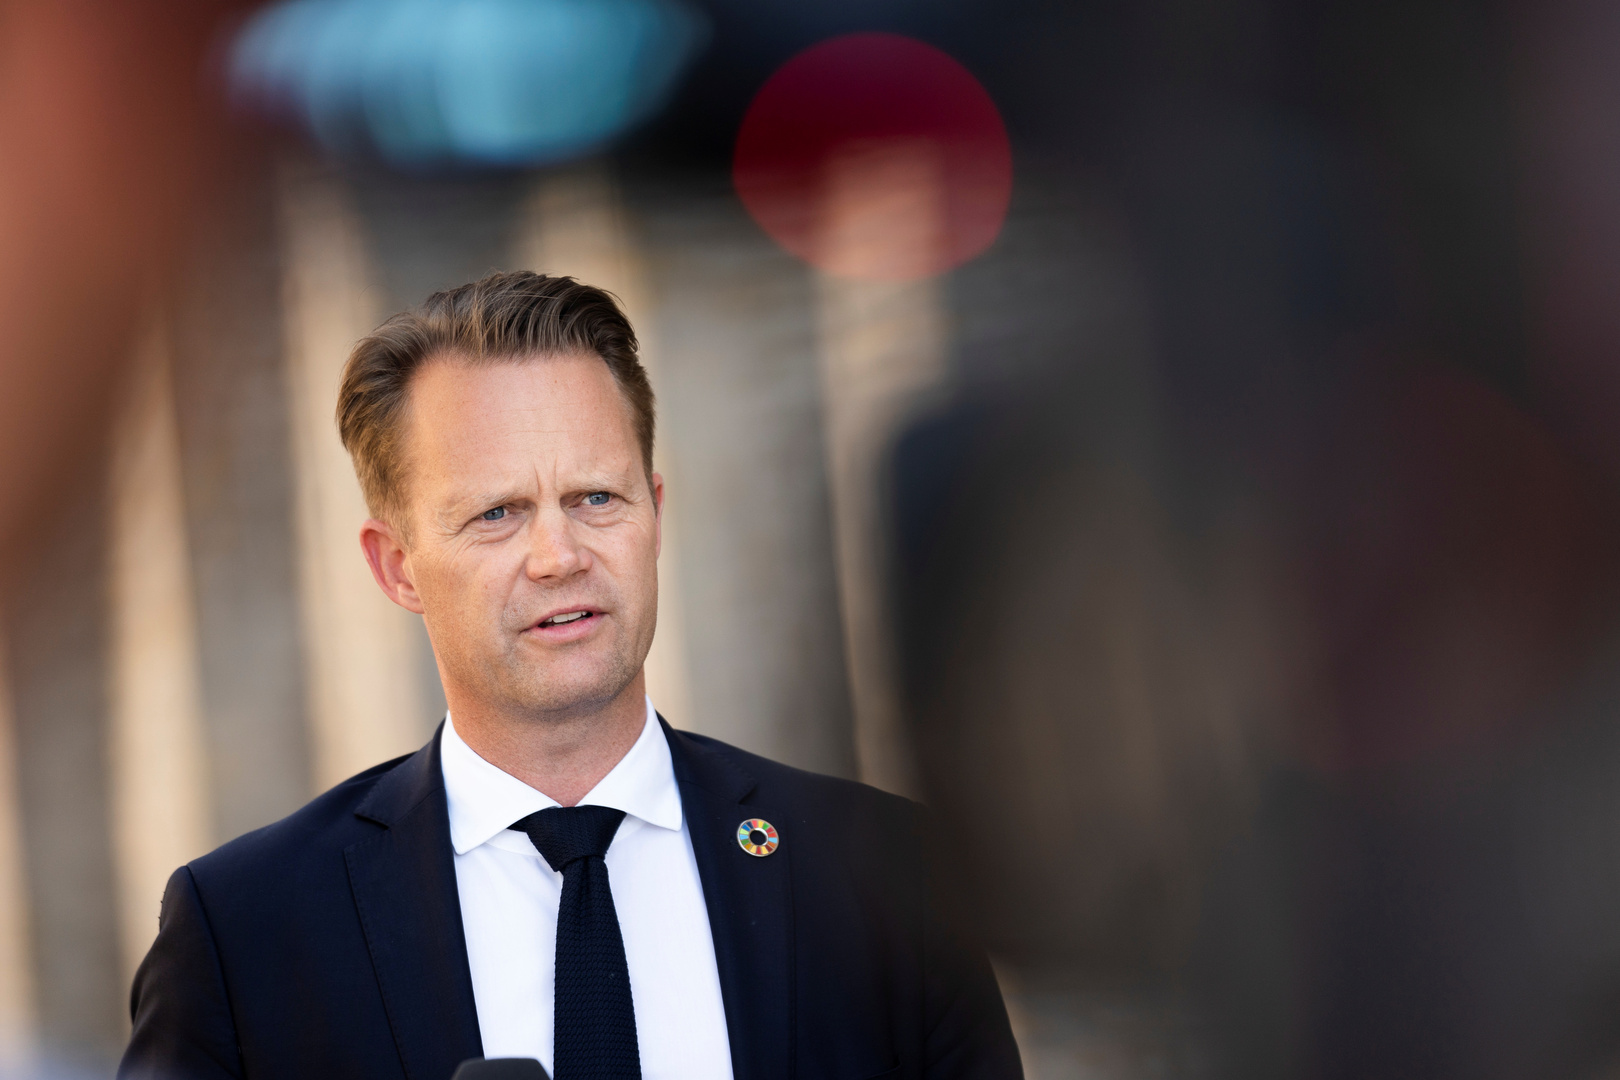 الدنمارك تستدعي السفير الروسي بدعوى انتهاك مقاتلة